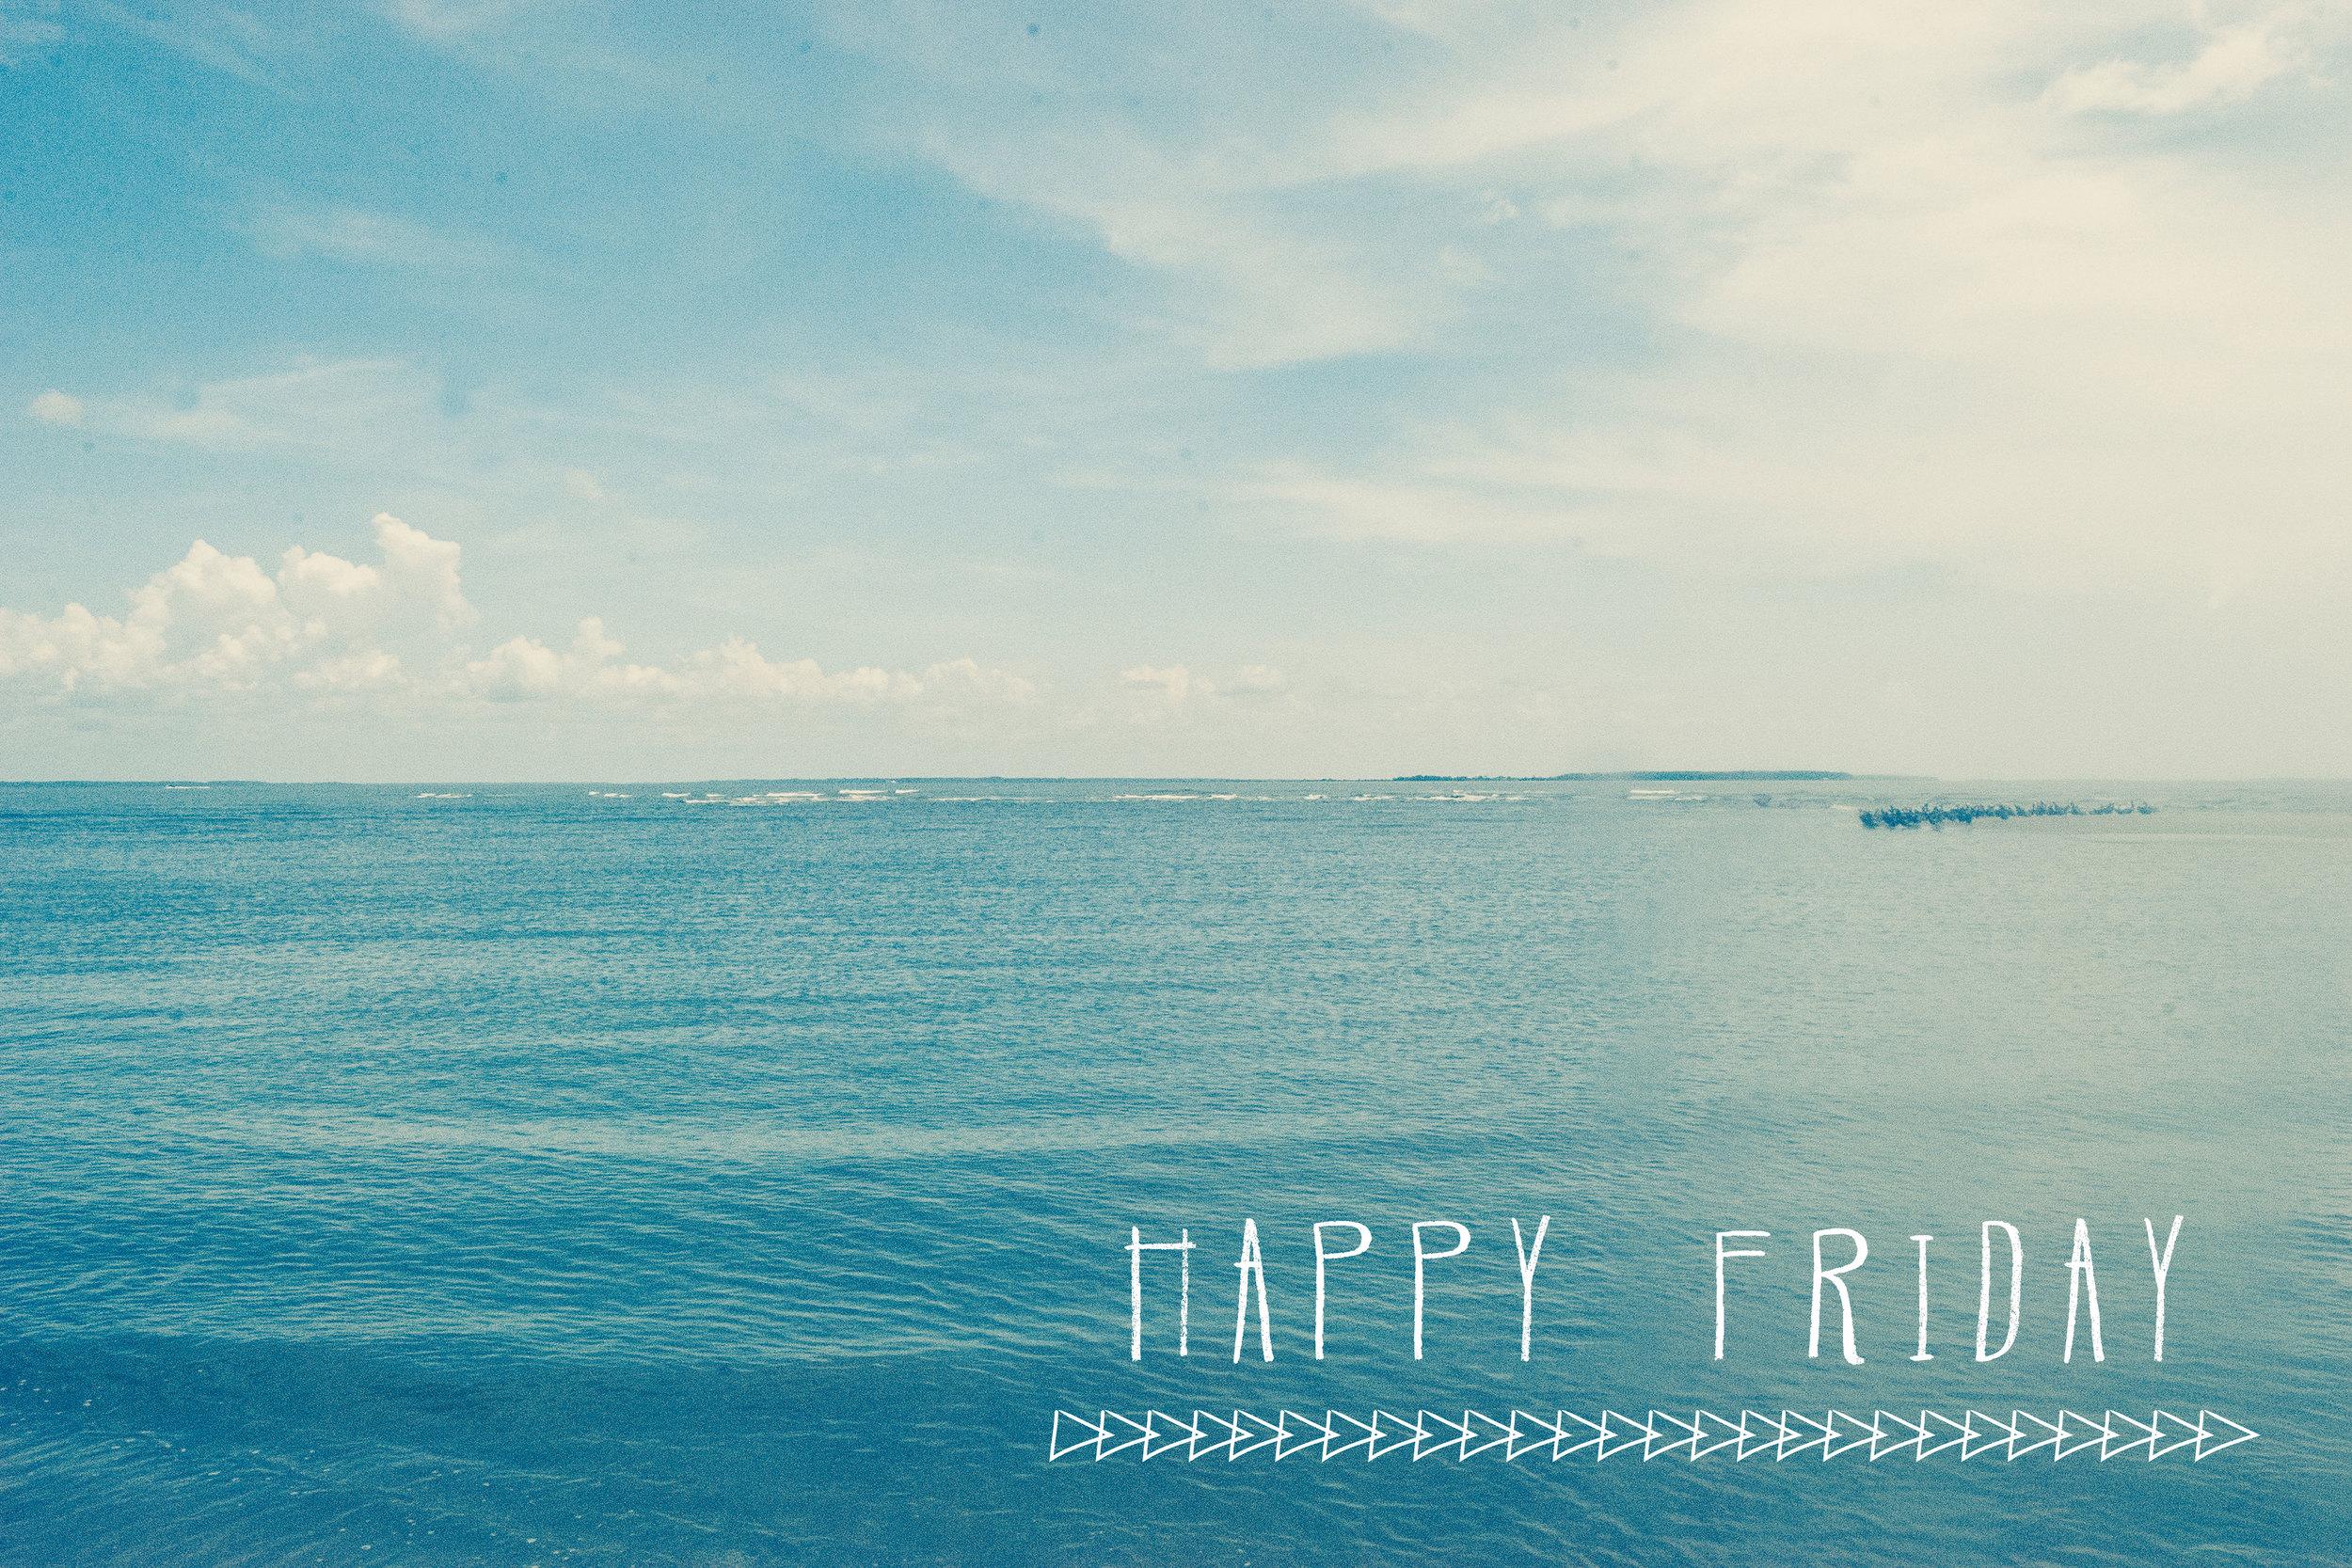 JOMG Happy Friday 12/5/14